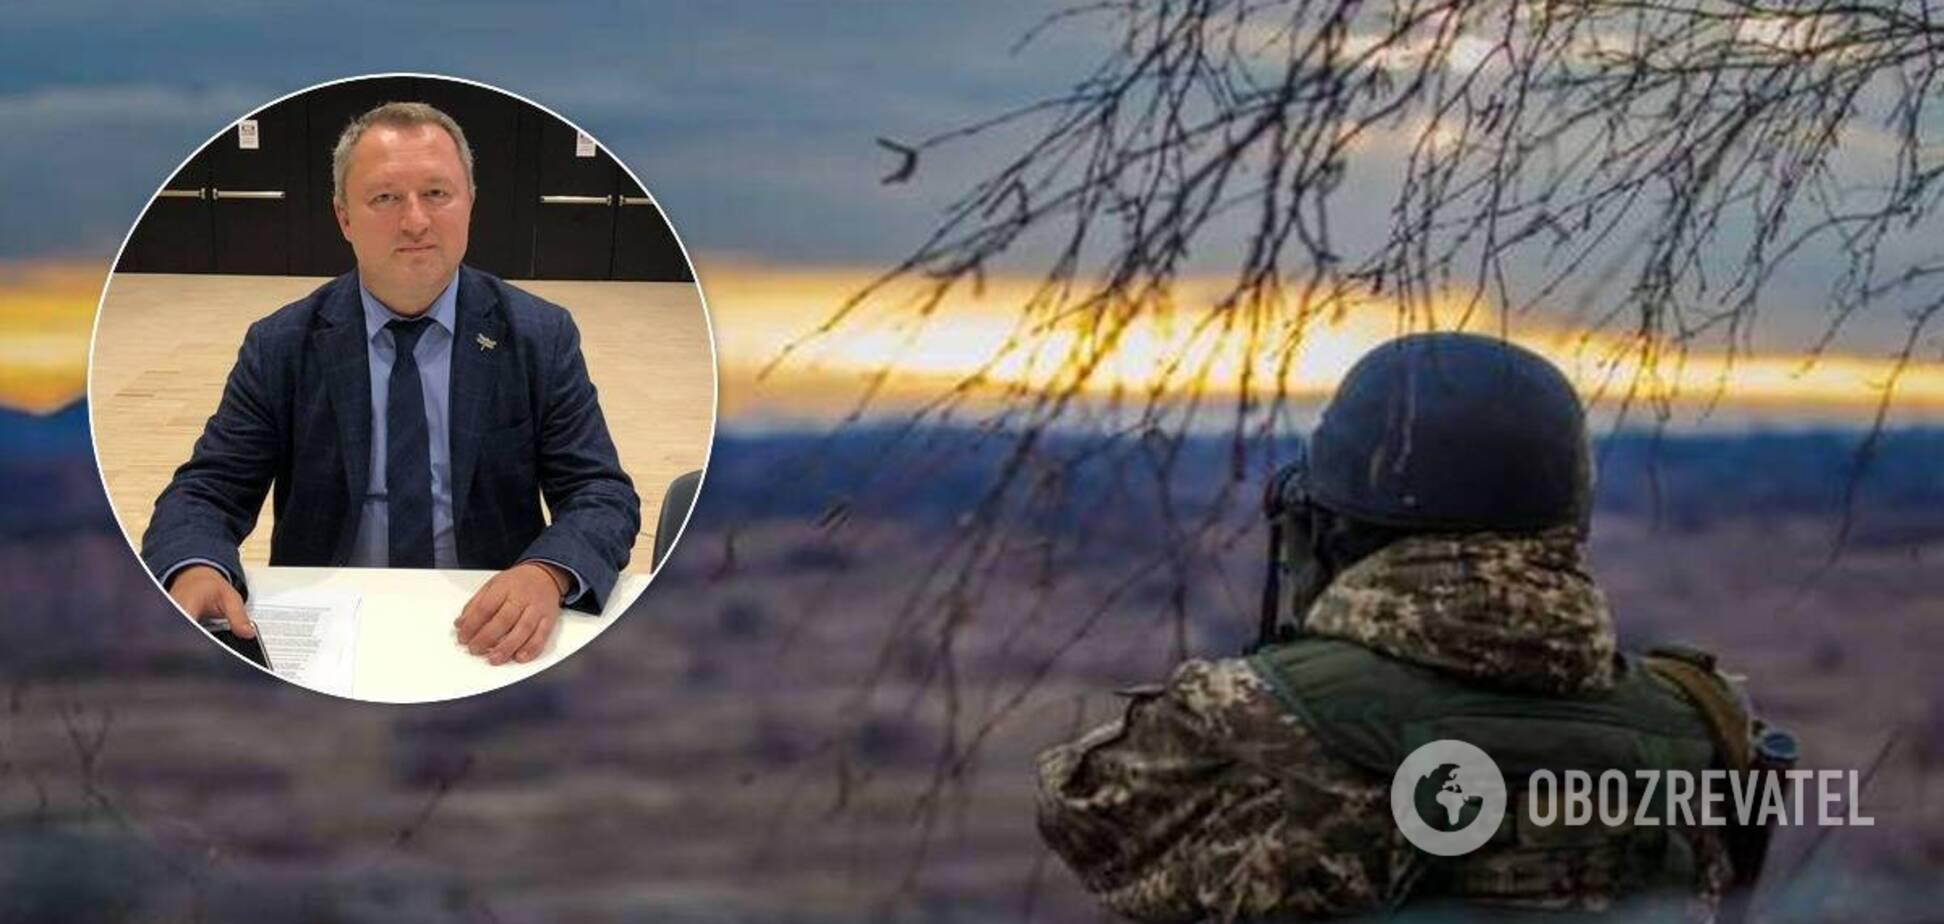 Прорыв на минских переговорах дался трудно, России доверять нельзя, – представитель ТКГ от Украины